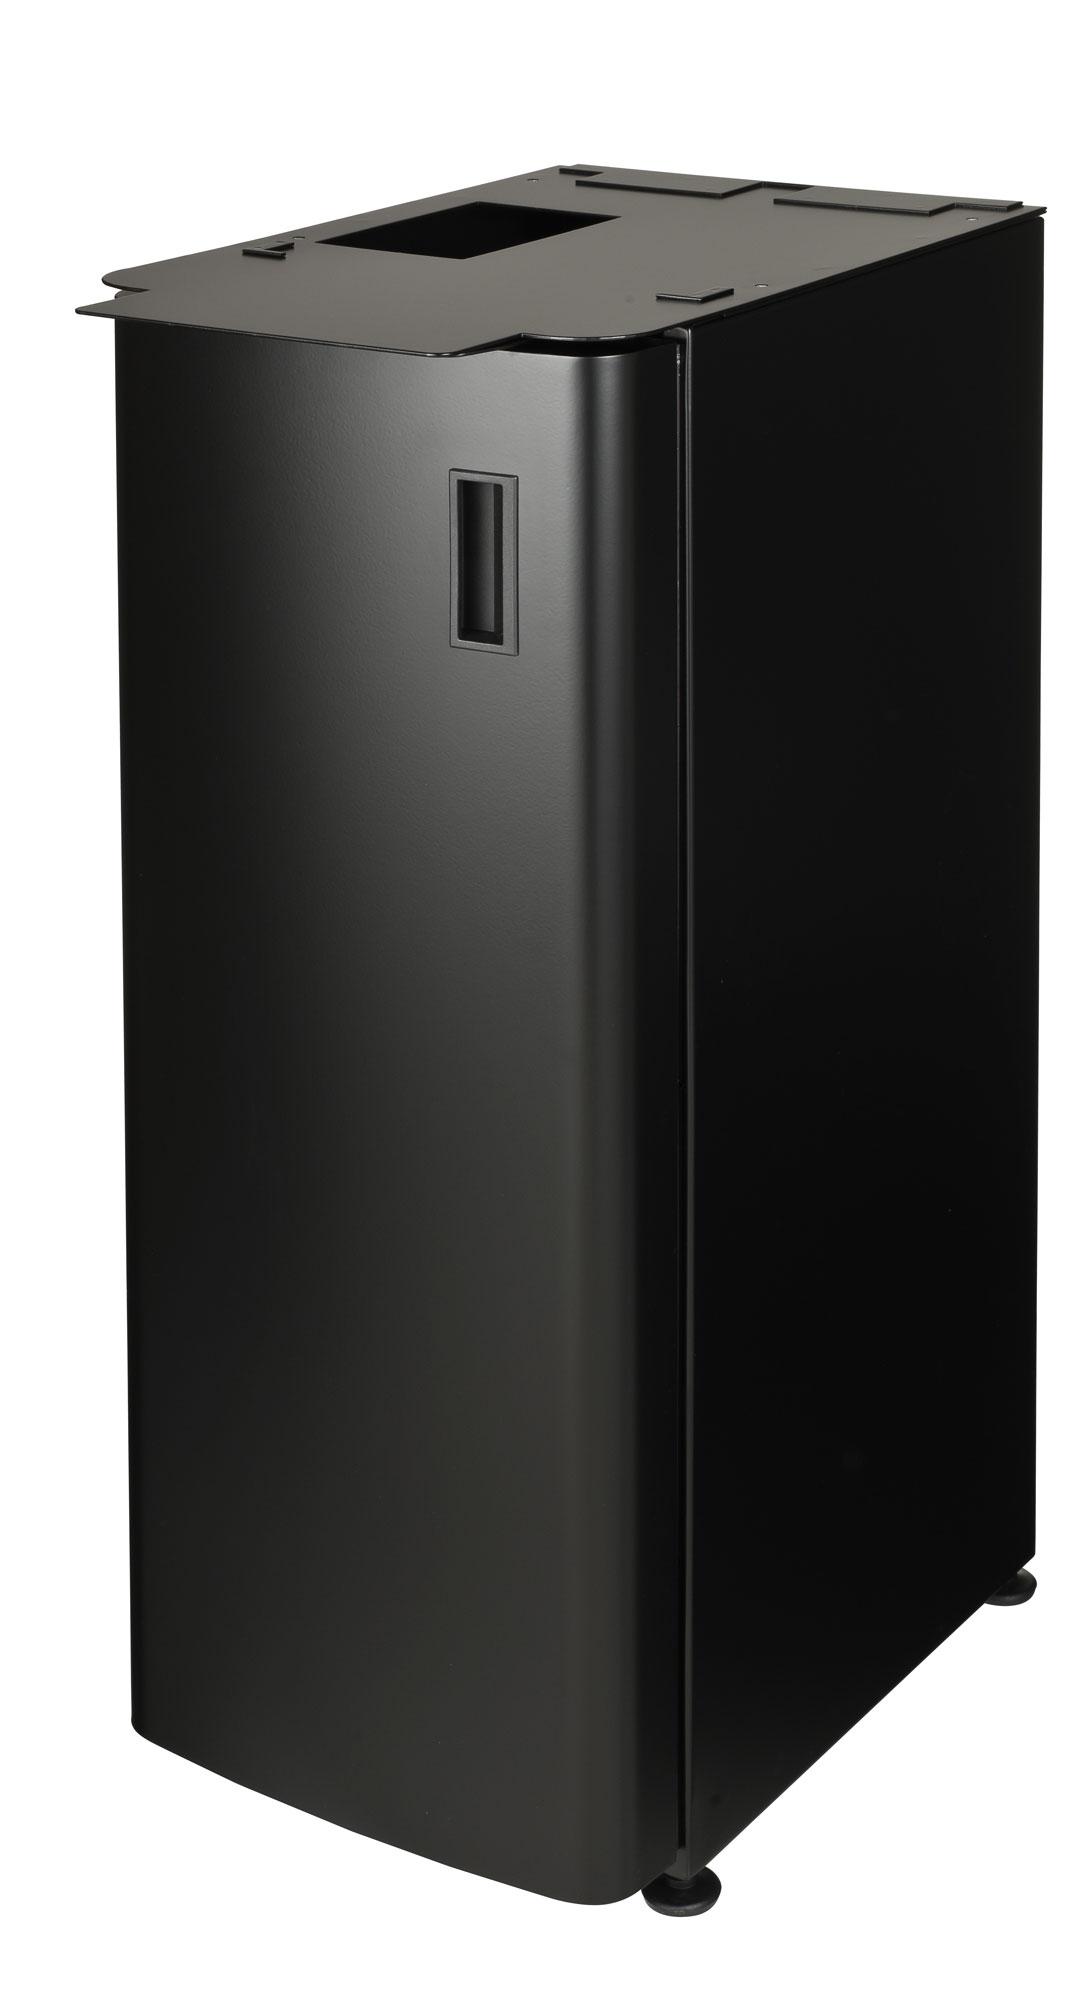 Metall- Unterschrank in schwarz mit Drehtür